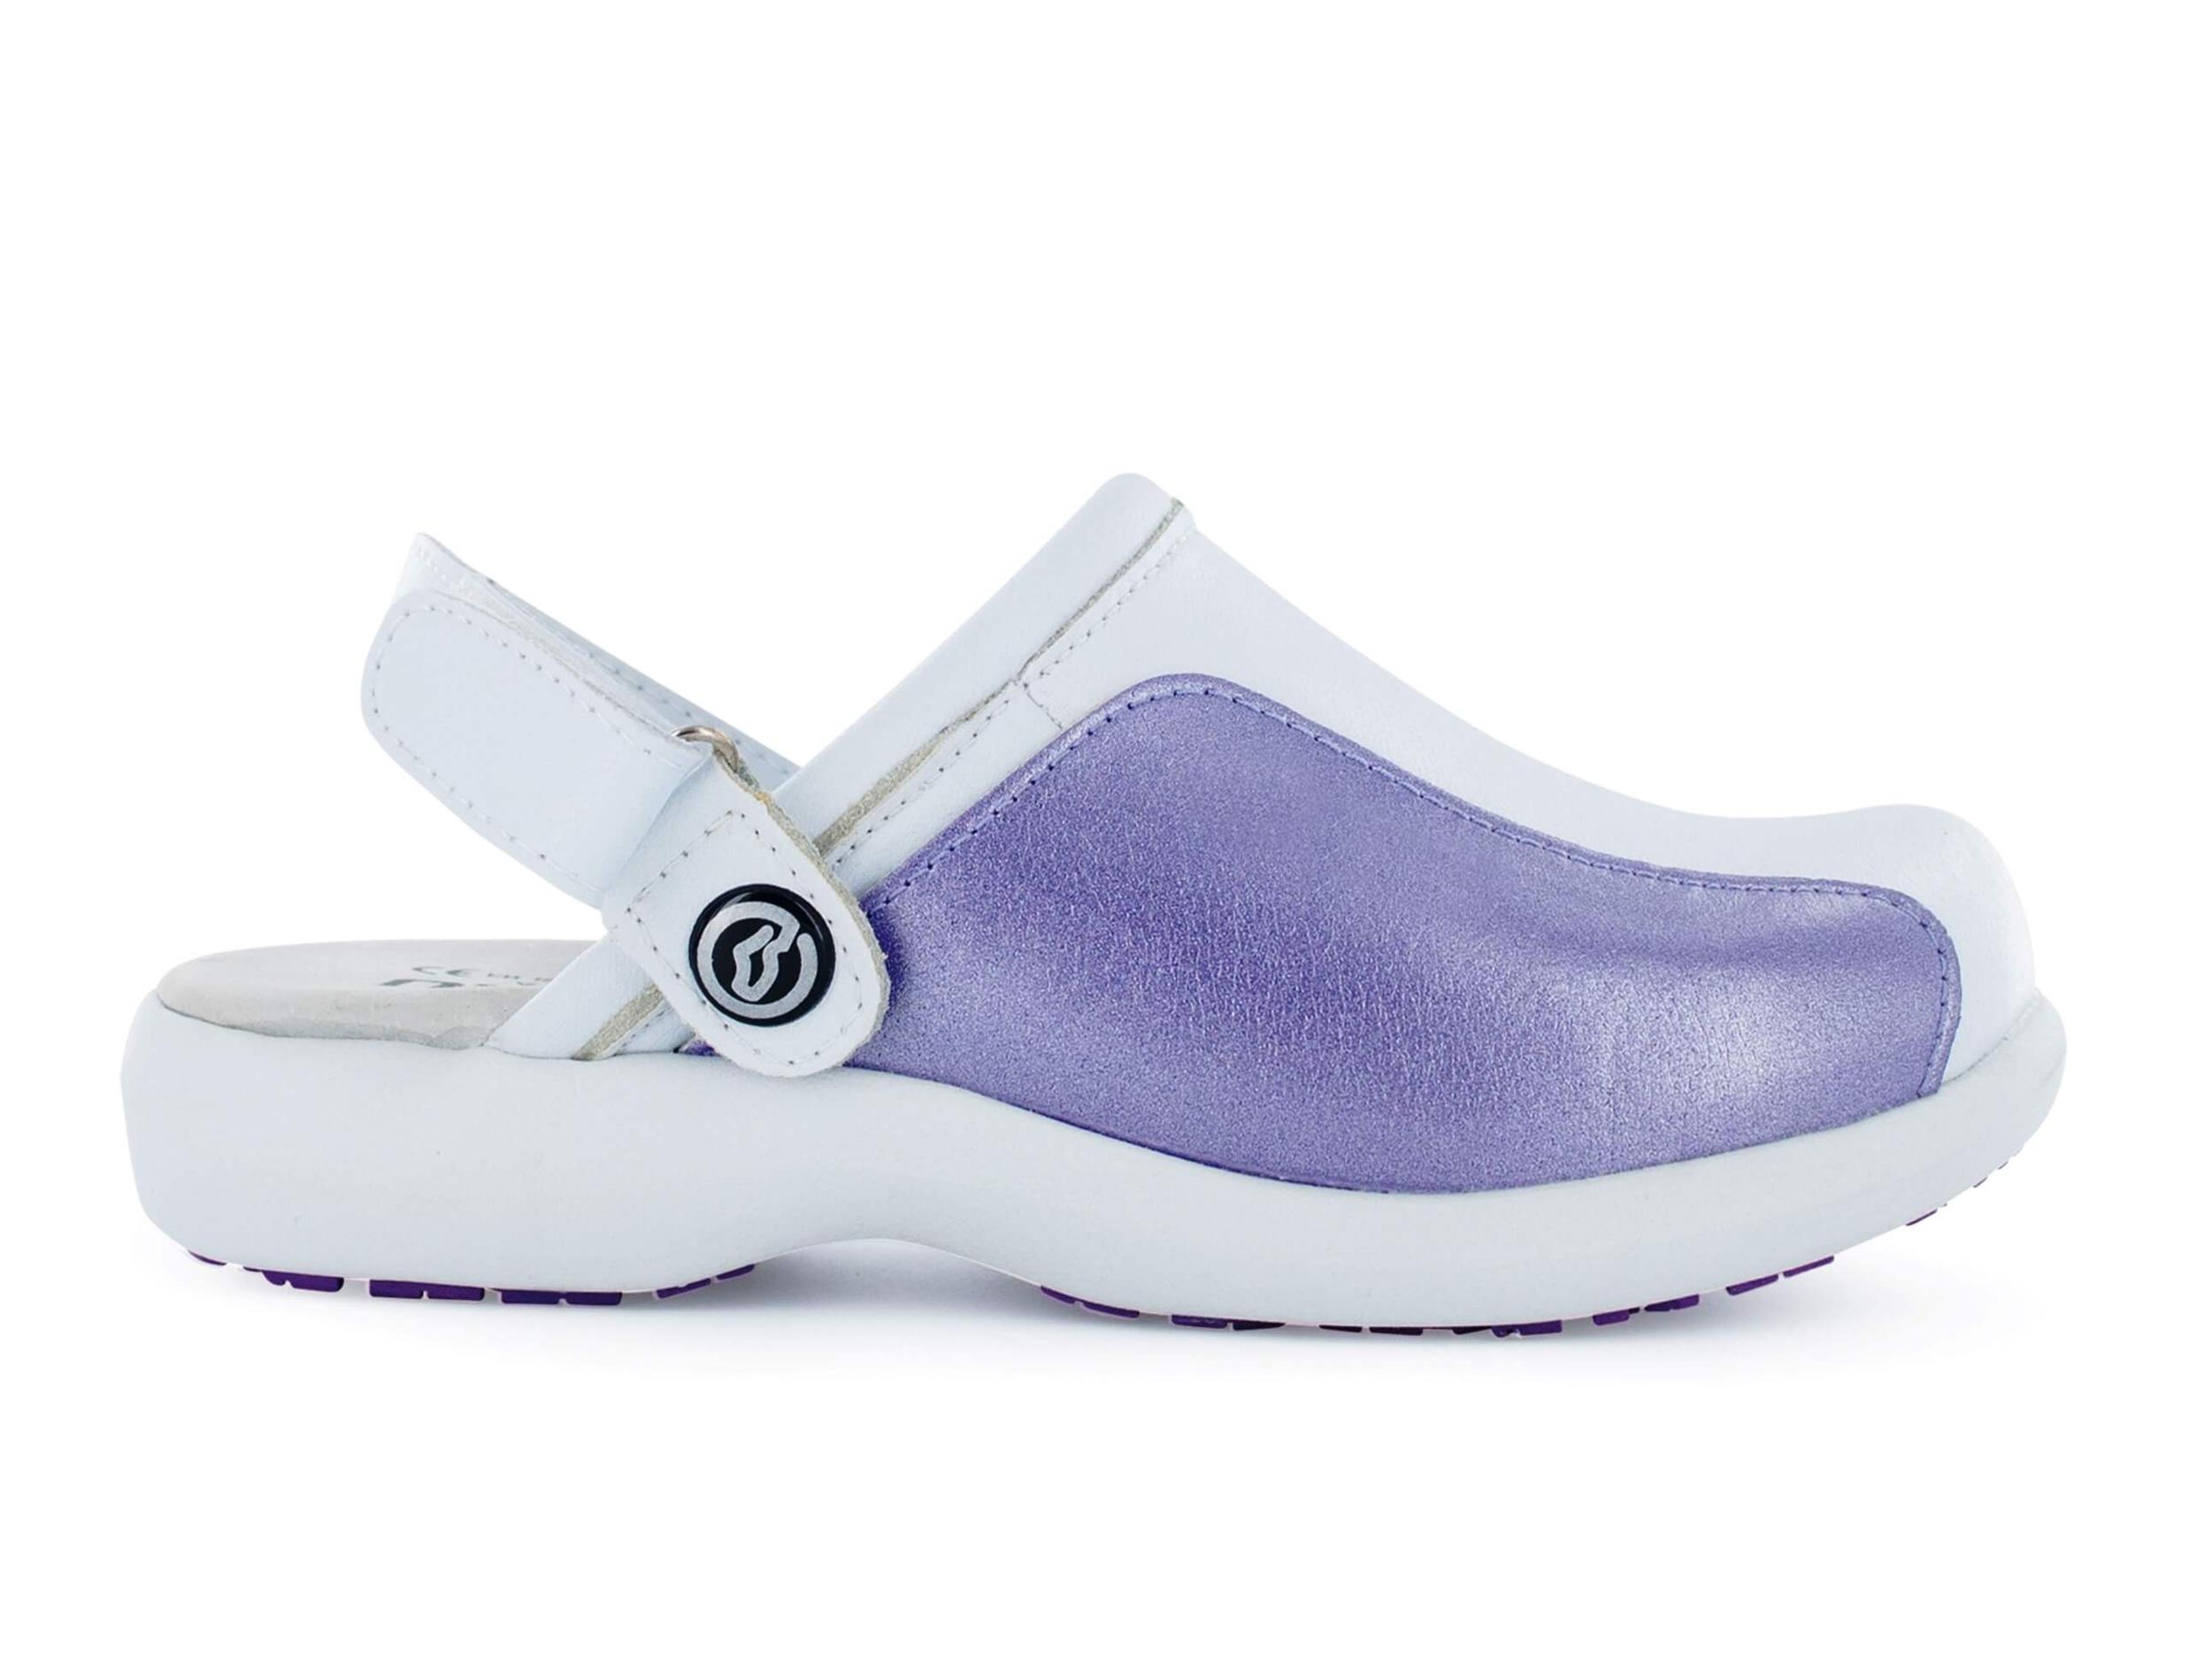 Chaussures Hopital et Sabot médical - Sabot médical Femme - mylookpro.com 821e22cd3da6